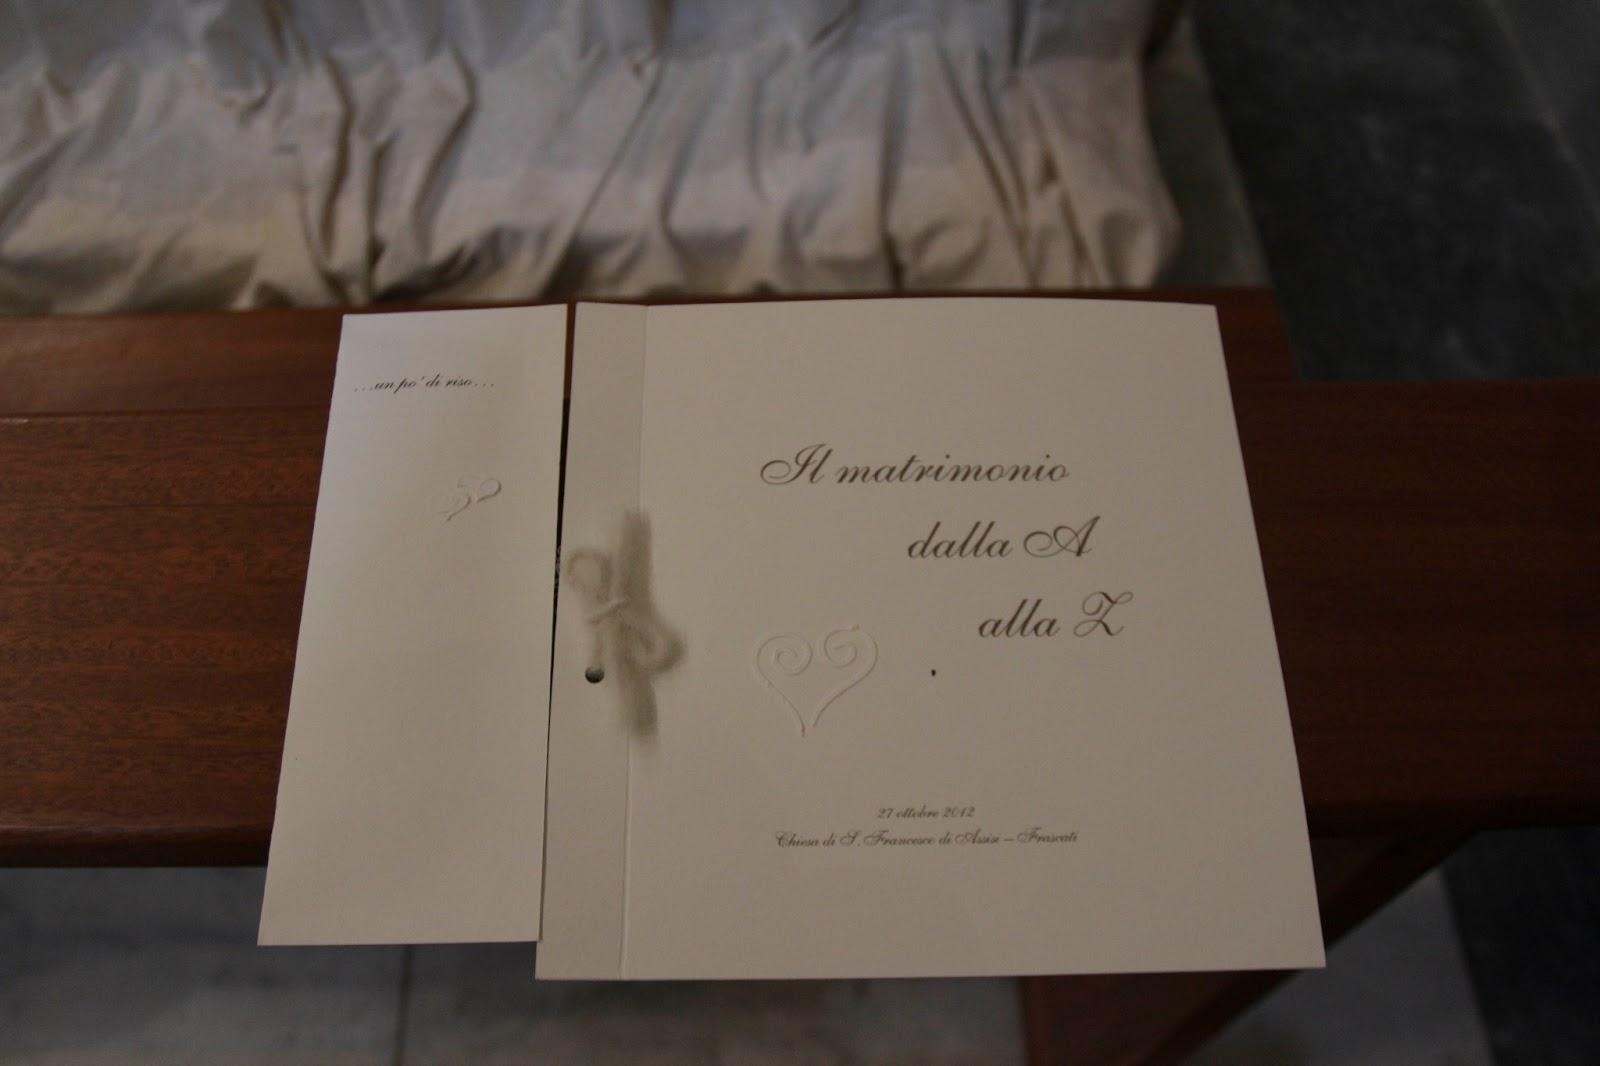 Location archives pagina 2 di 34 wedding planner il portale italiano per organizzare i - Se monto pneumatici diversi dal libretto ...